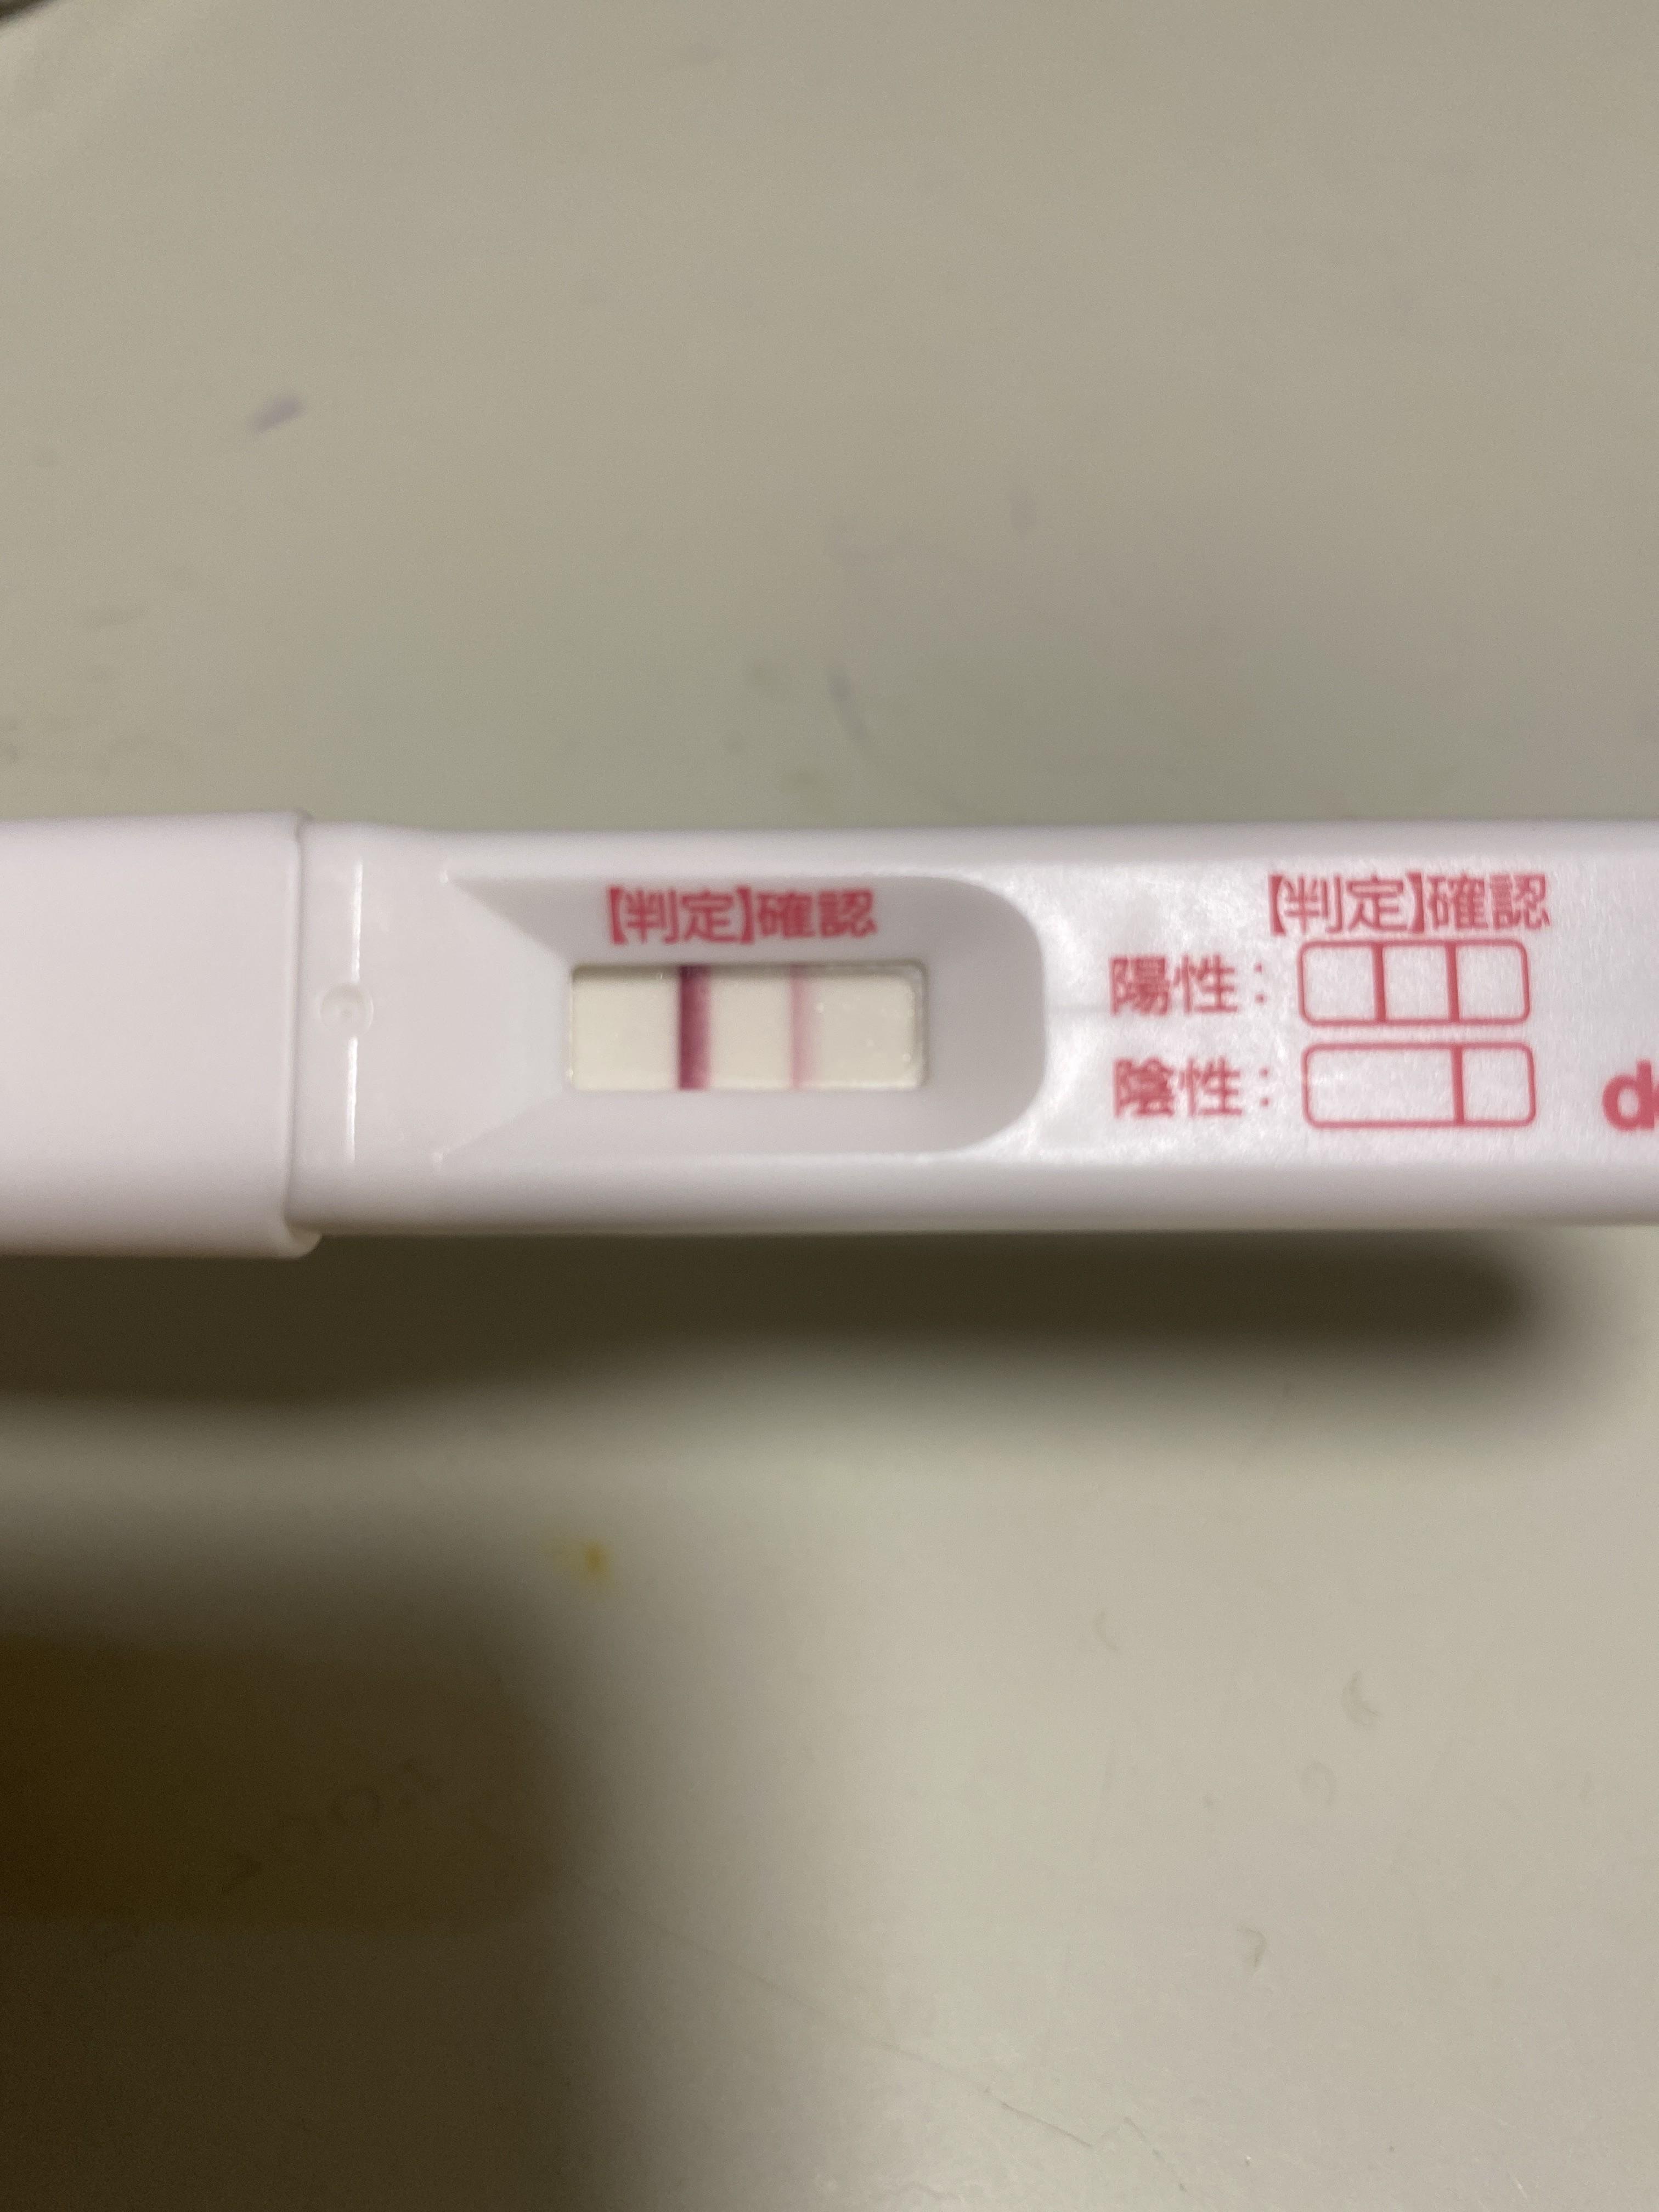 くっきり陽性 ドゥーテスト ラッキーテストとドゥーテストの陽性反応丨妊活サポート掲示板